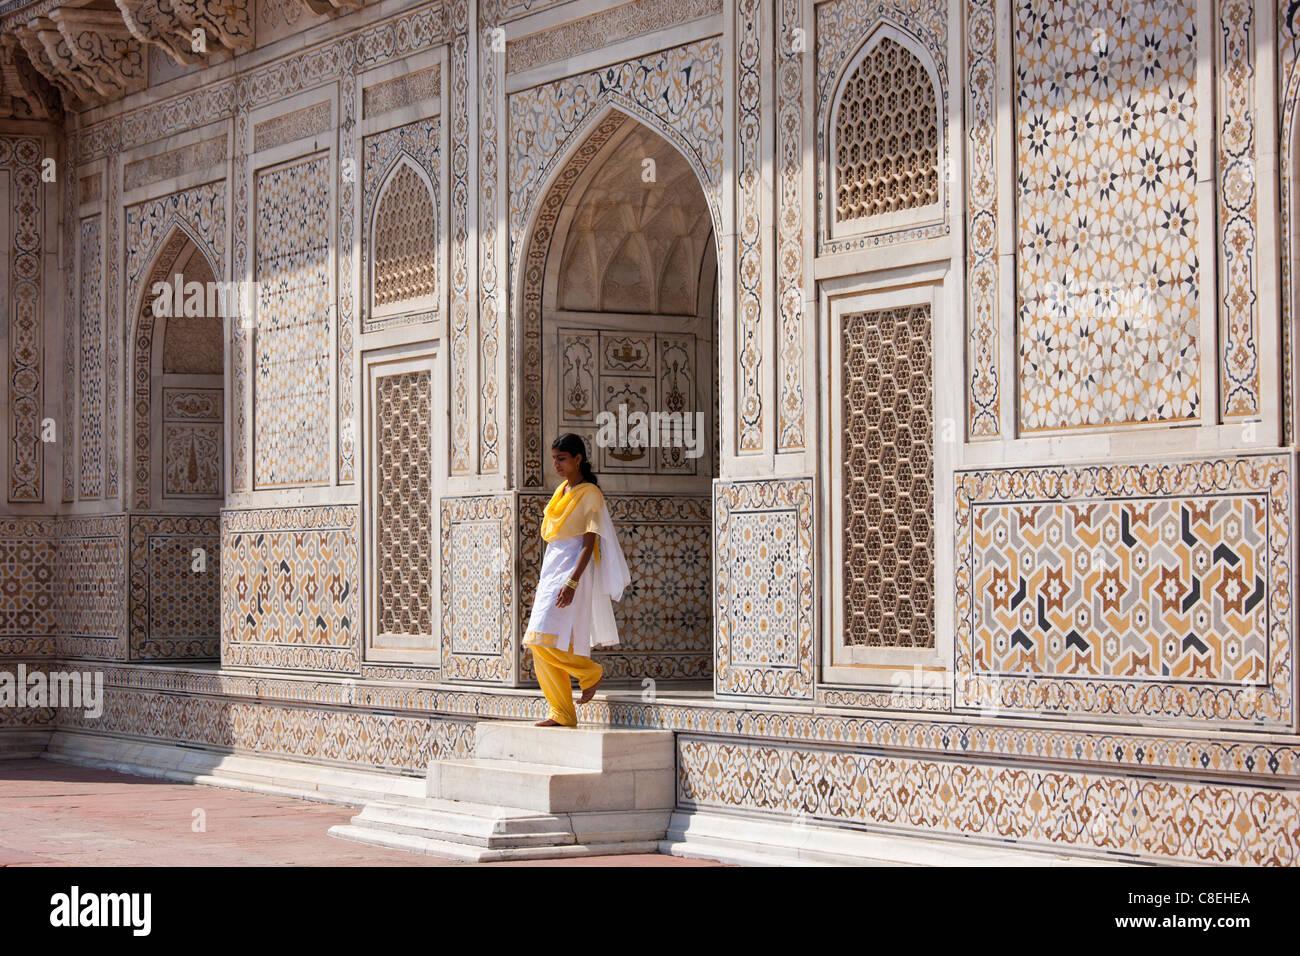 Moslemische Punjabi Mädchen am Grab von Etimad Ud Doulah, 17. Jahrhundert Mughal Grab erbaut 1628, Agra, Indien Stockbild